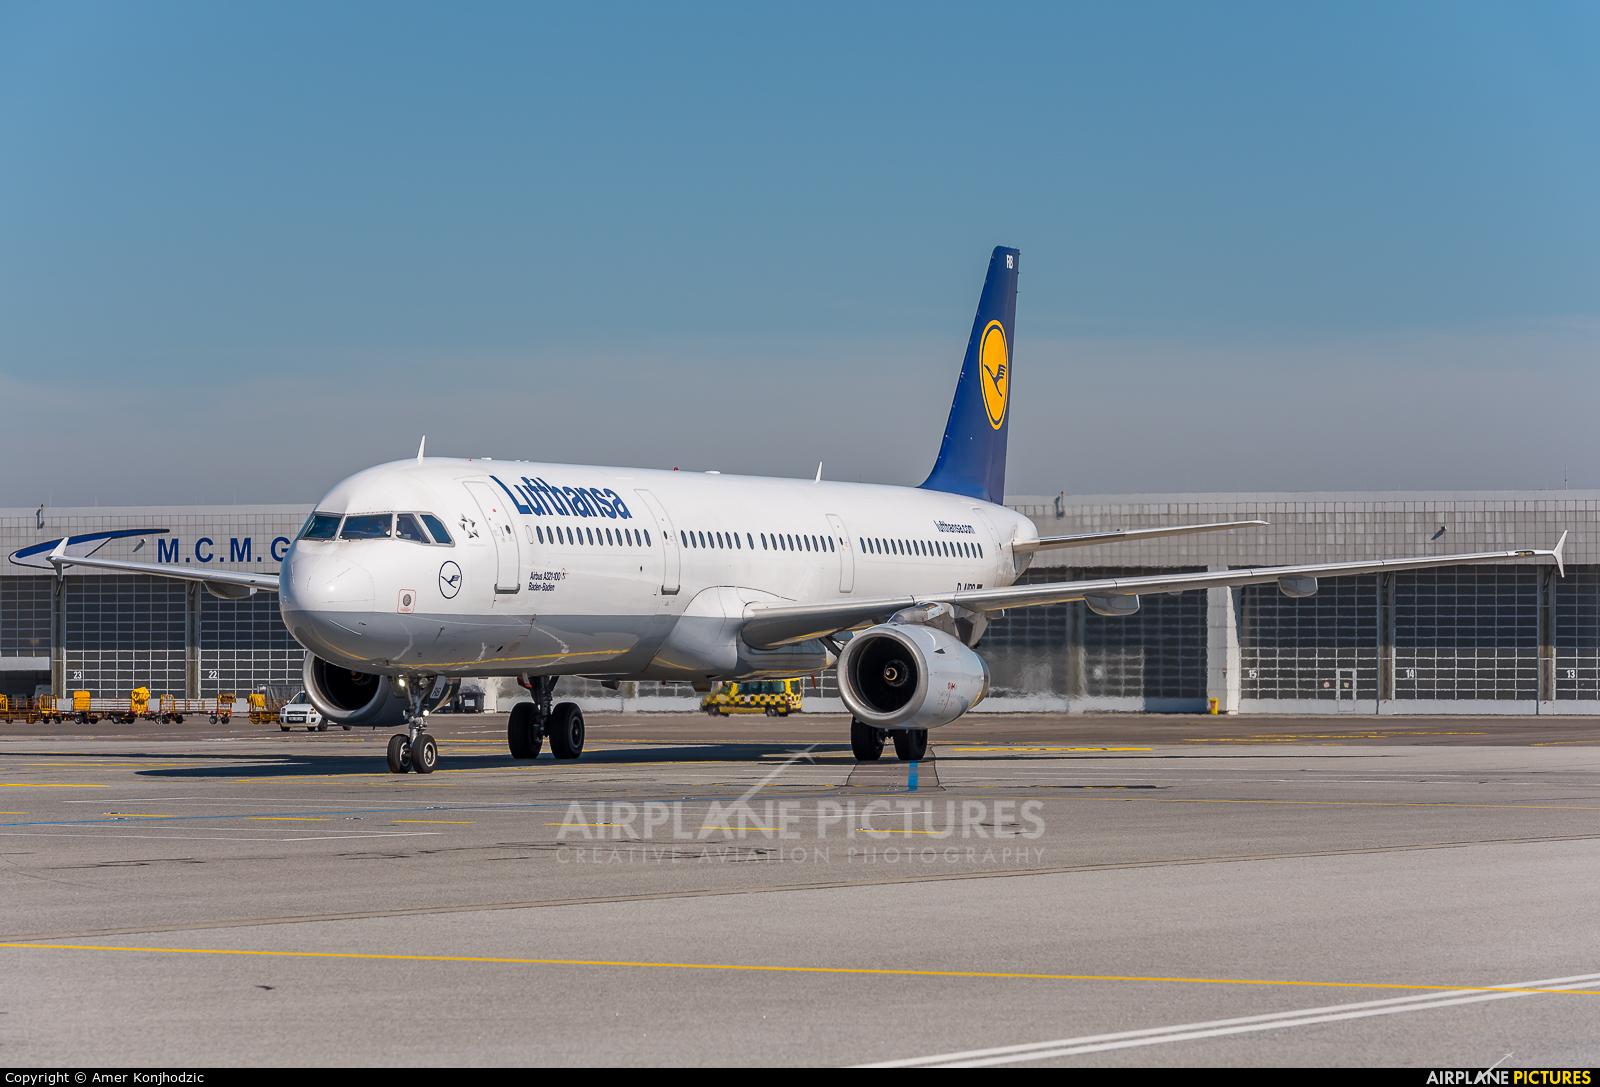 Lufthansa D-AIRB aircraft at Munich